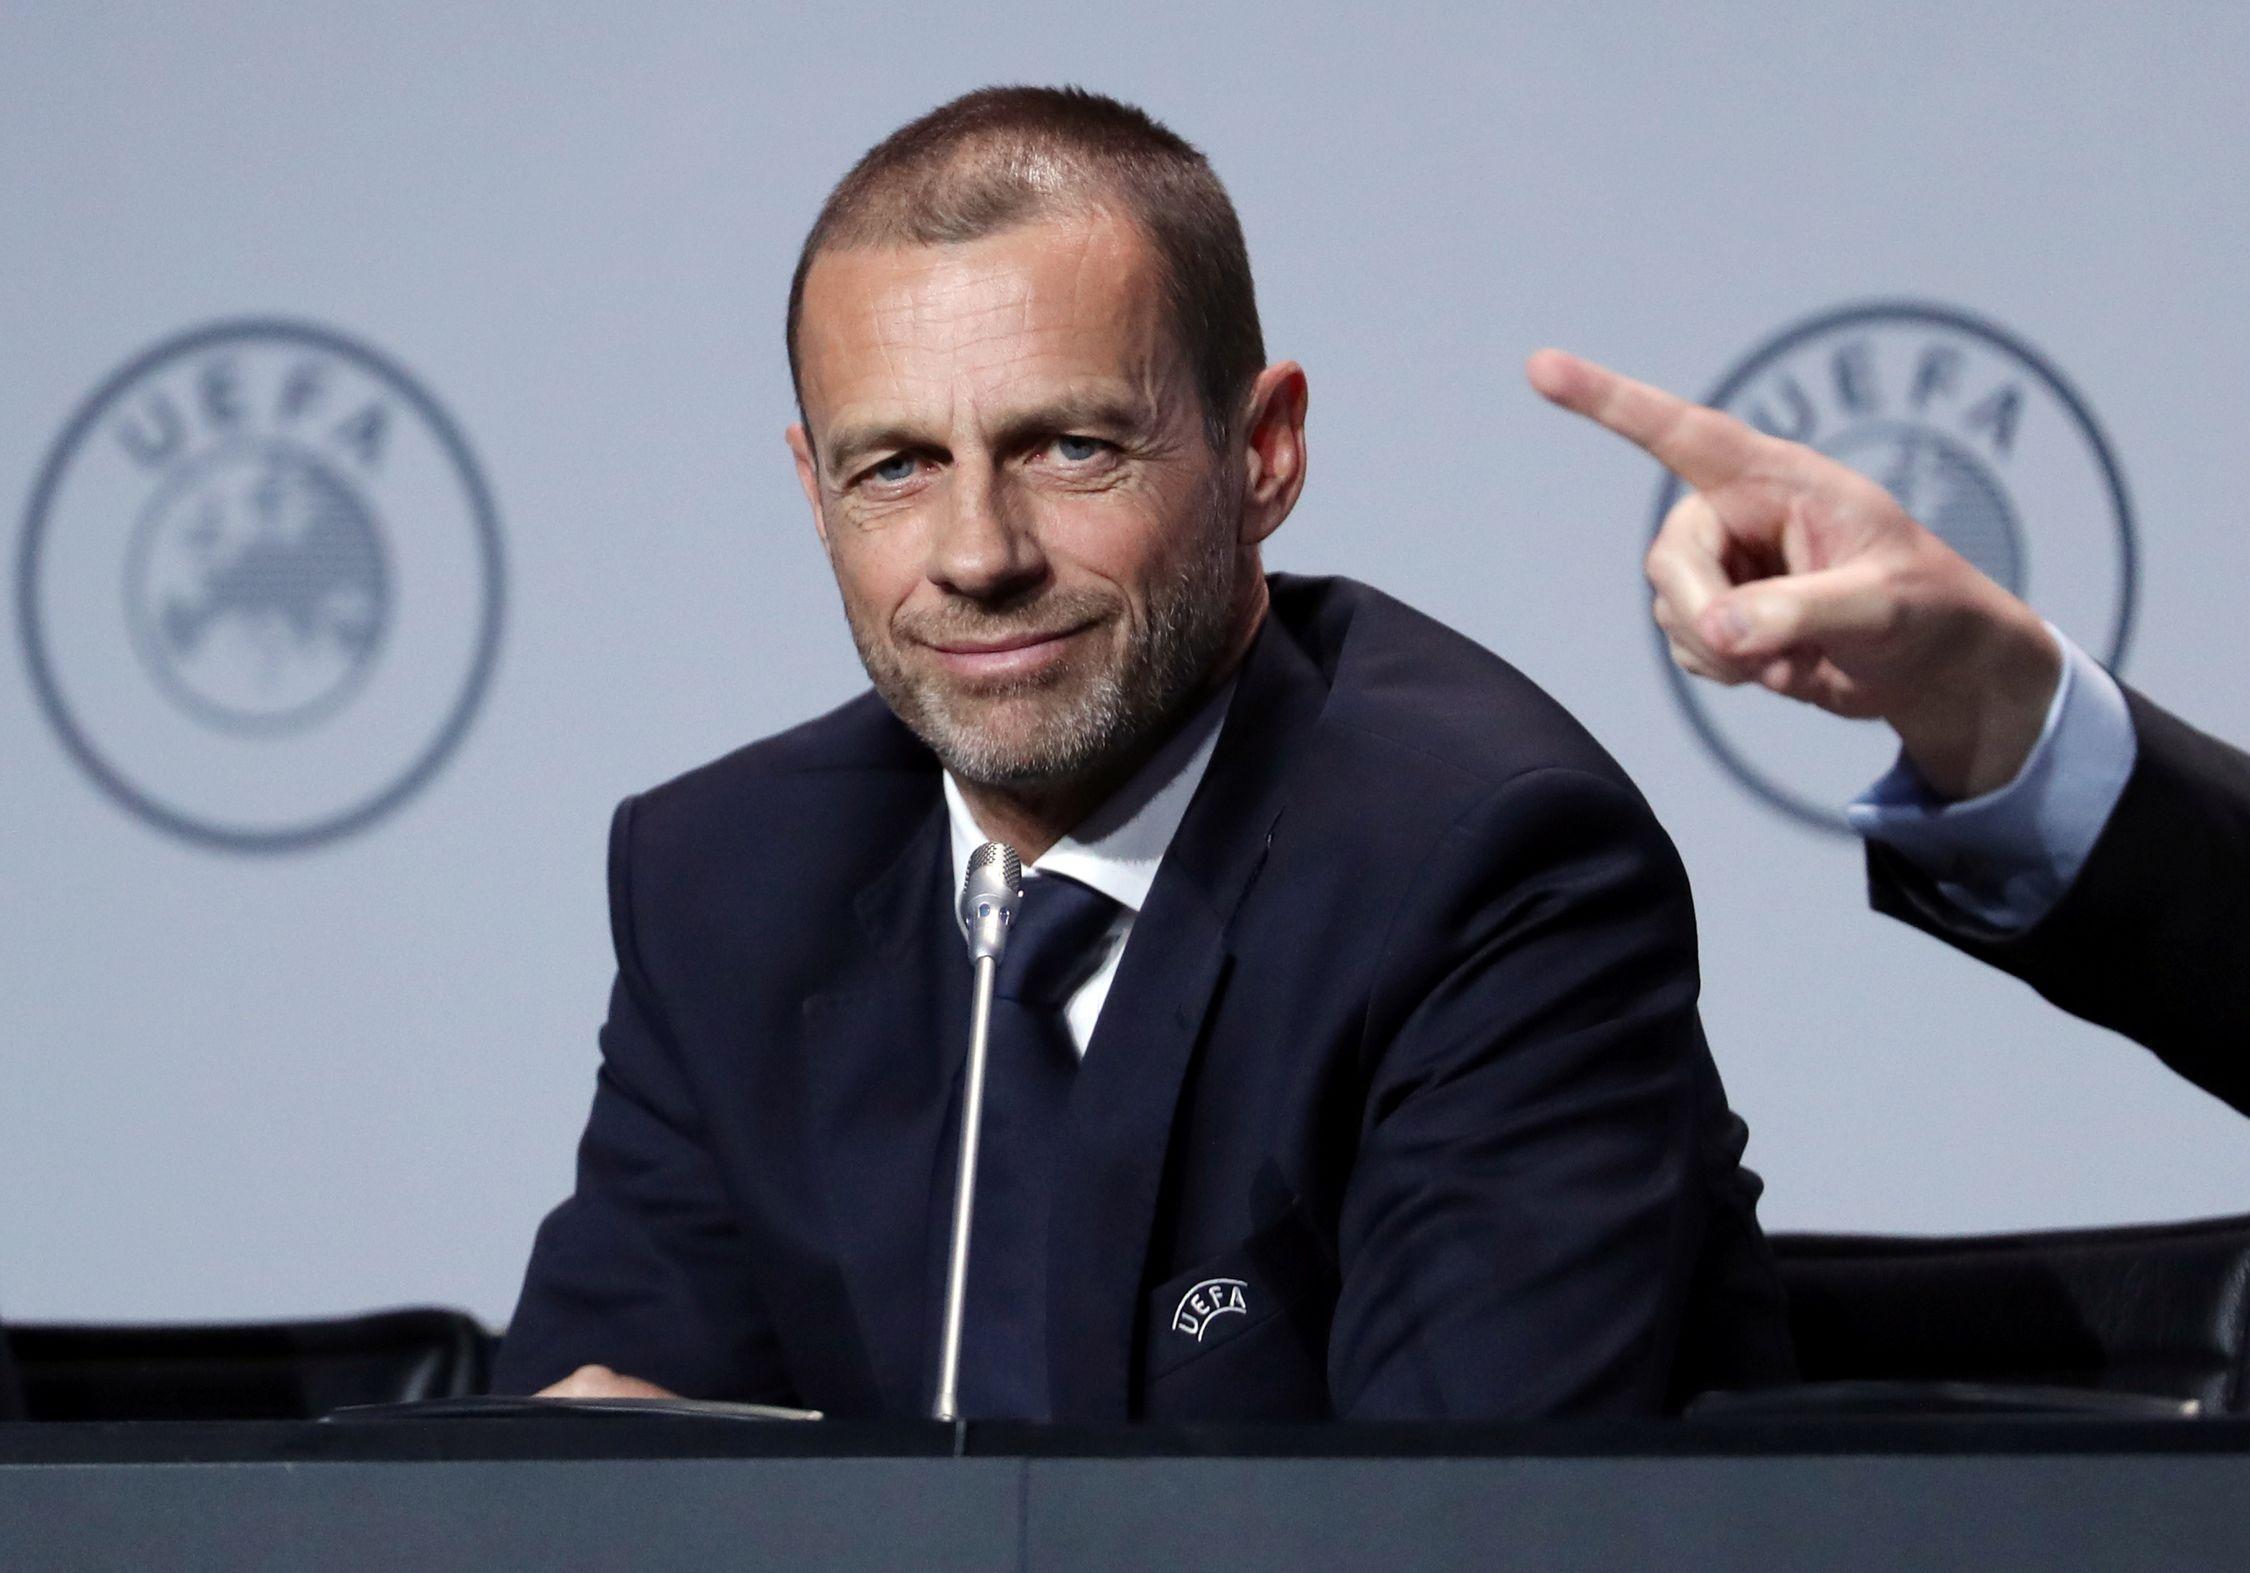 Football - Ligue des champions - Déconfinement et reprise: la semaine chargée du foot européen